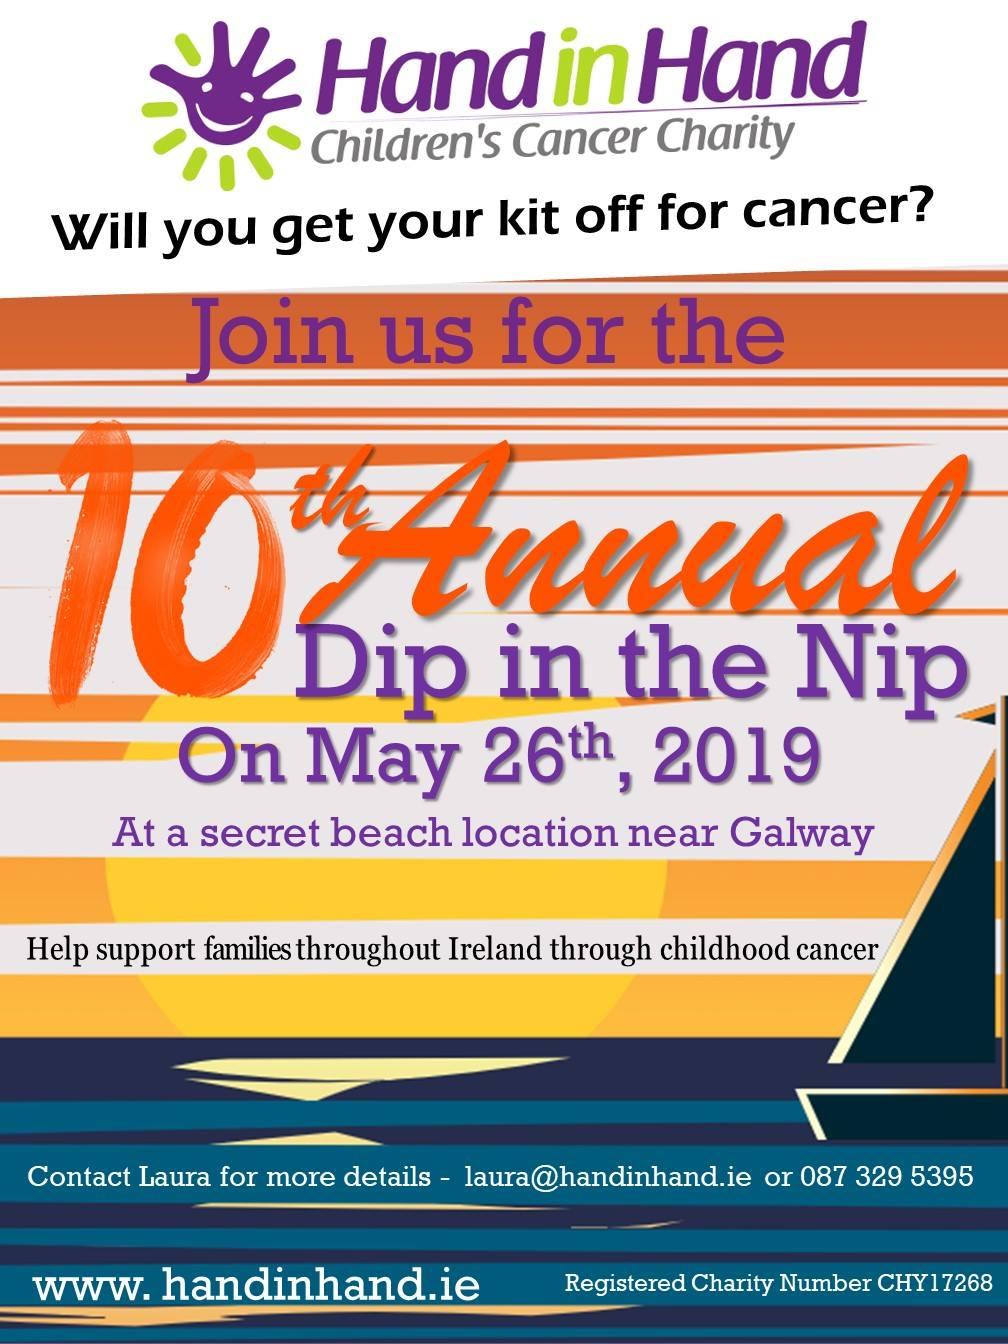 dip in the nip